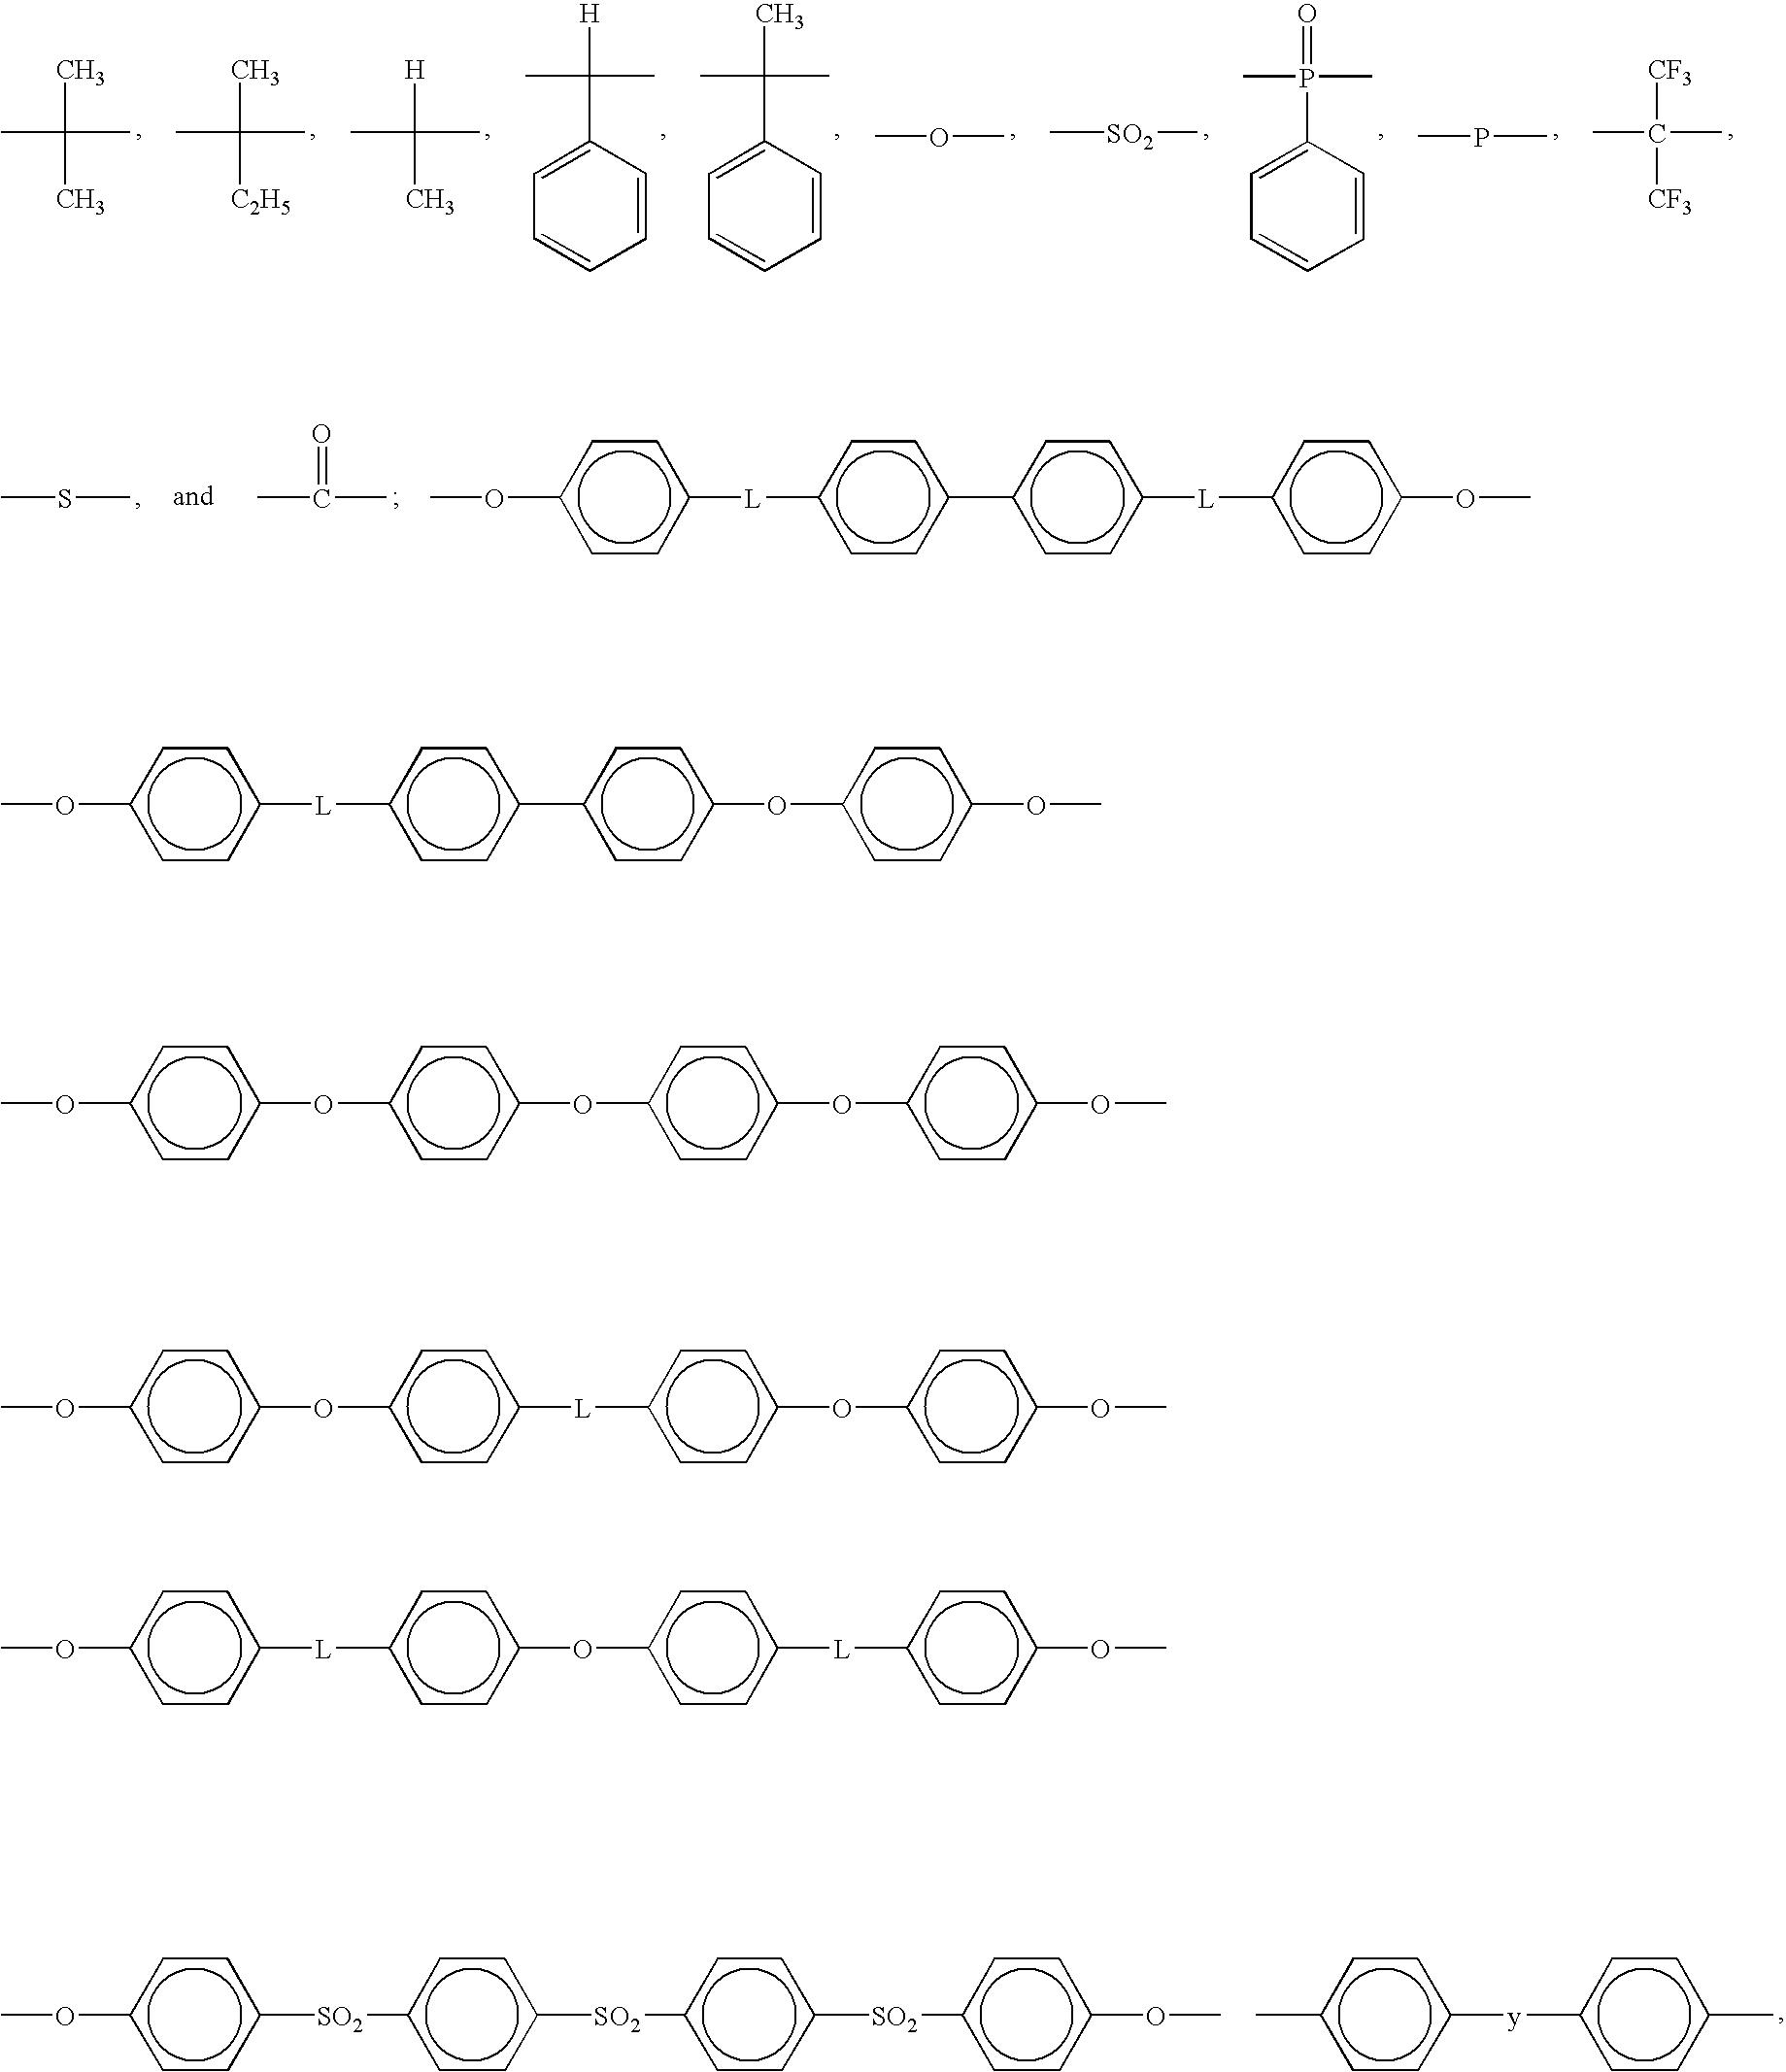 Figure US07825211-20101102-C00002